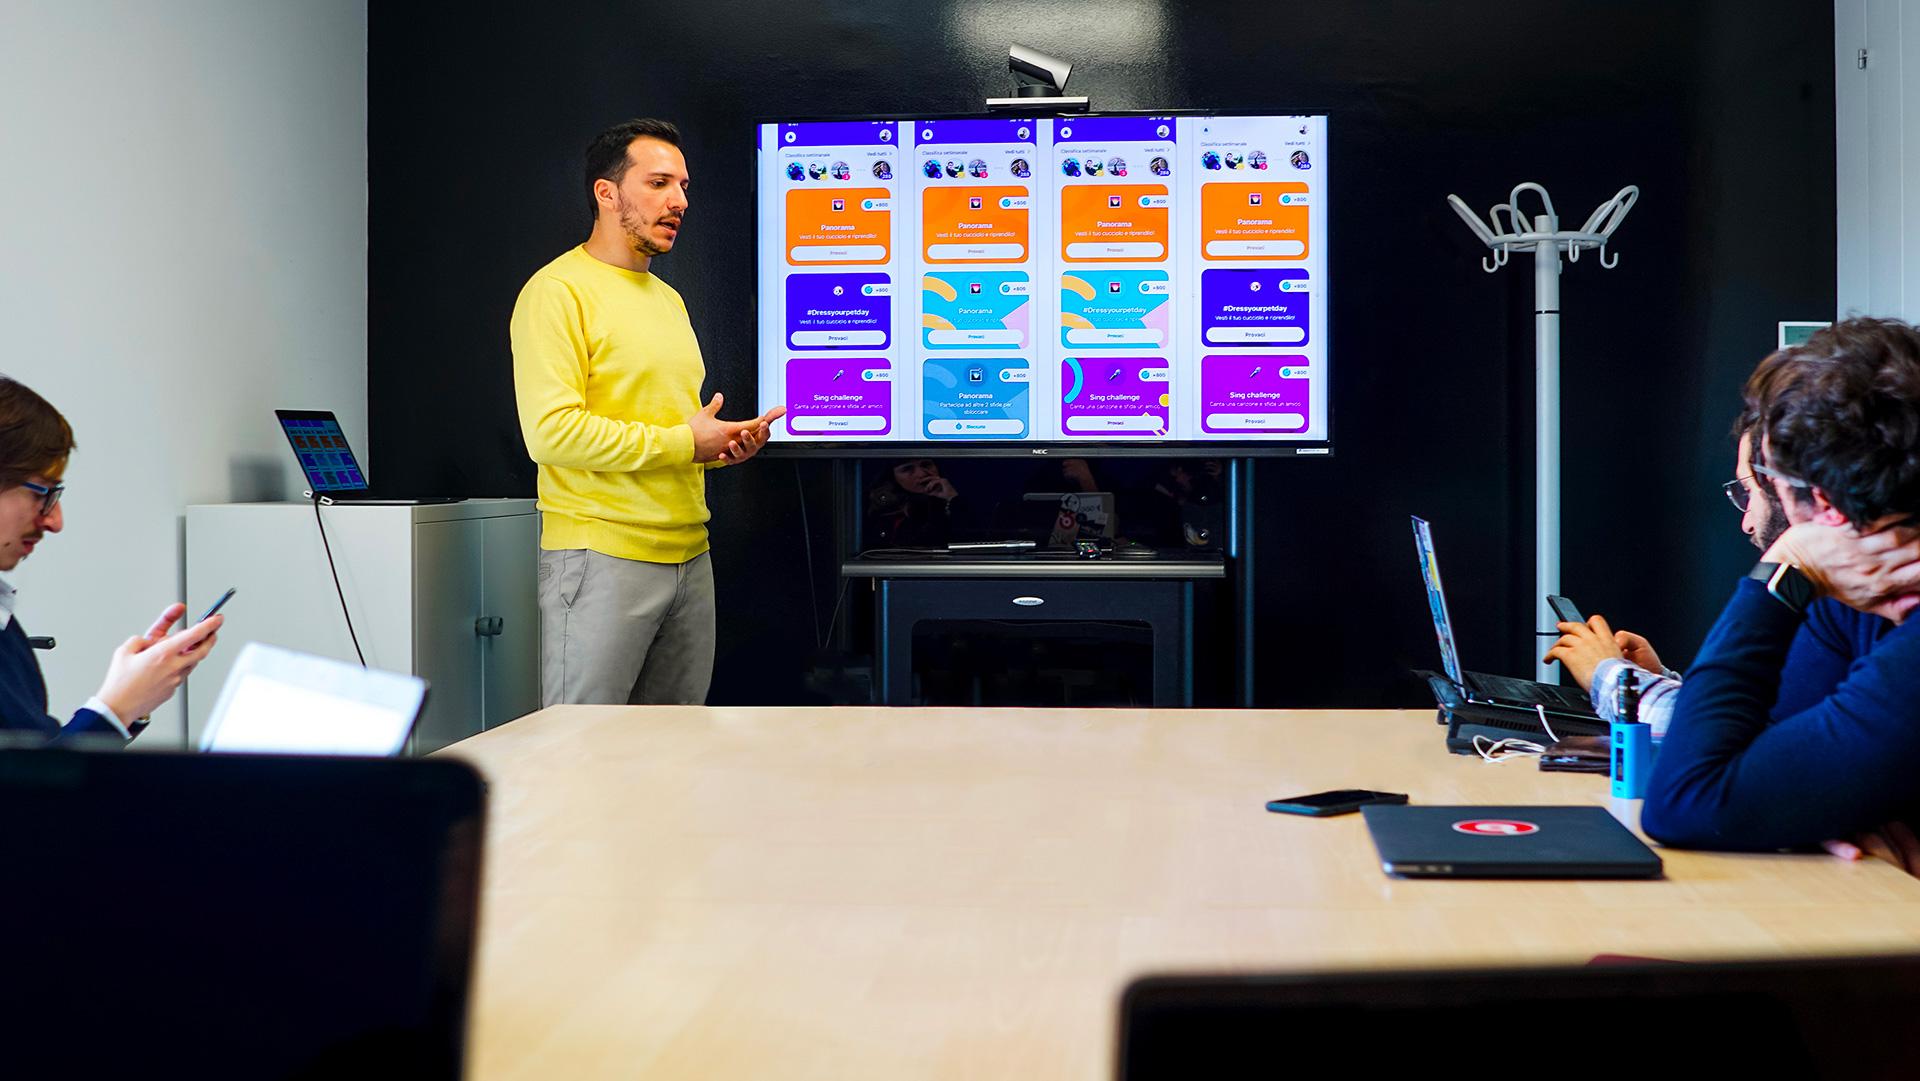 Design review con il team di Viddoser app- Claudio Mammana